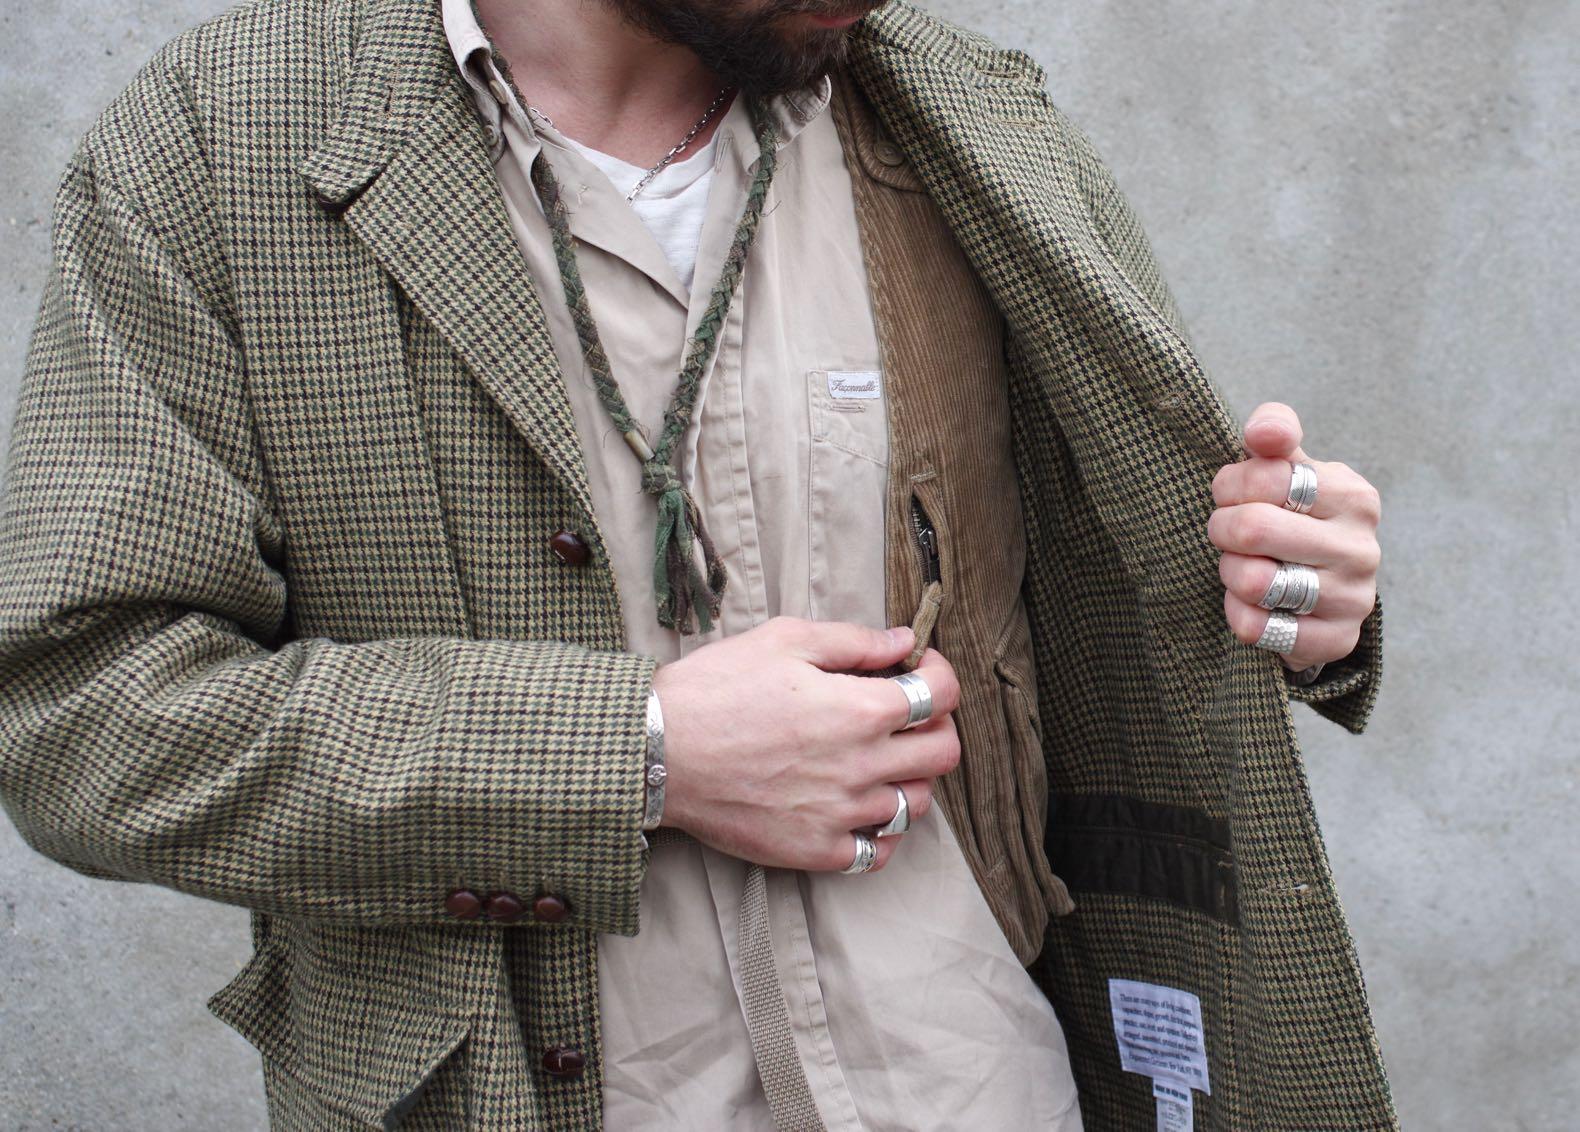 Engineered garments should vest kaki corduroy et collier borali et chemise vintage façonnable